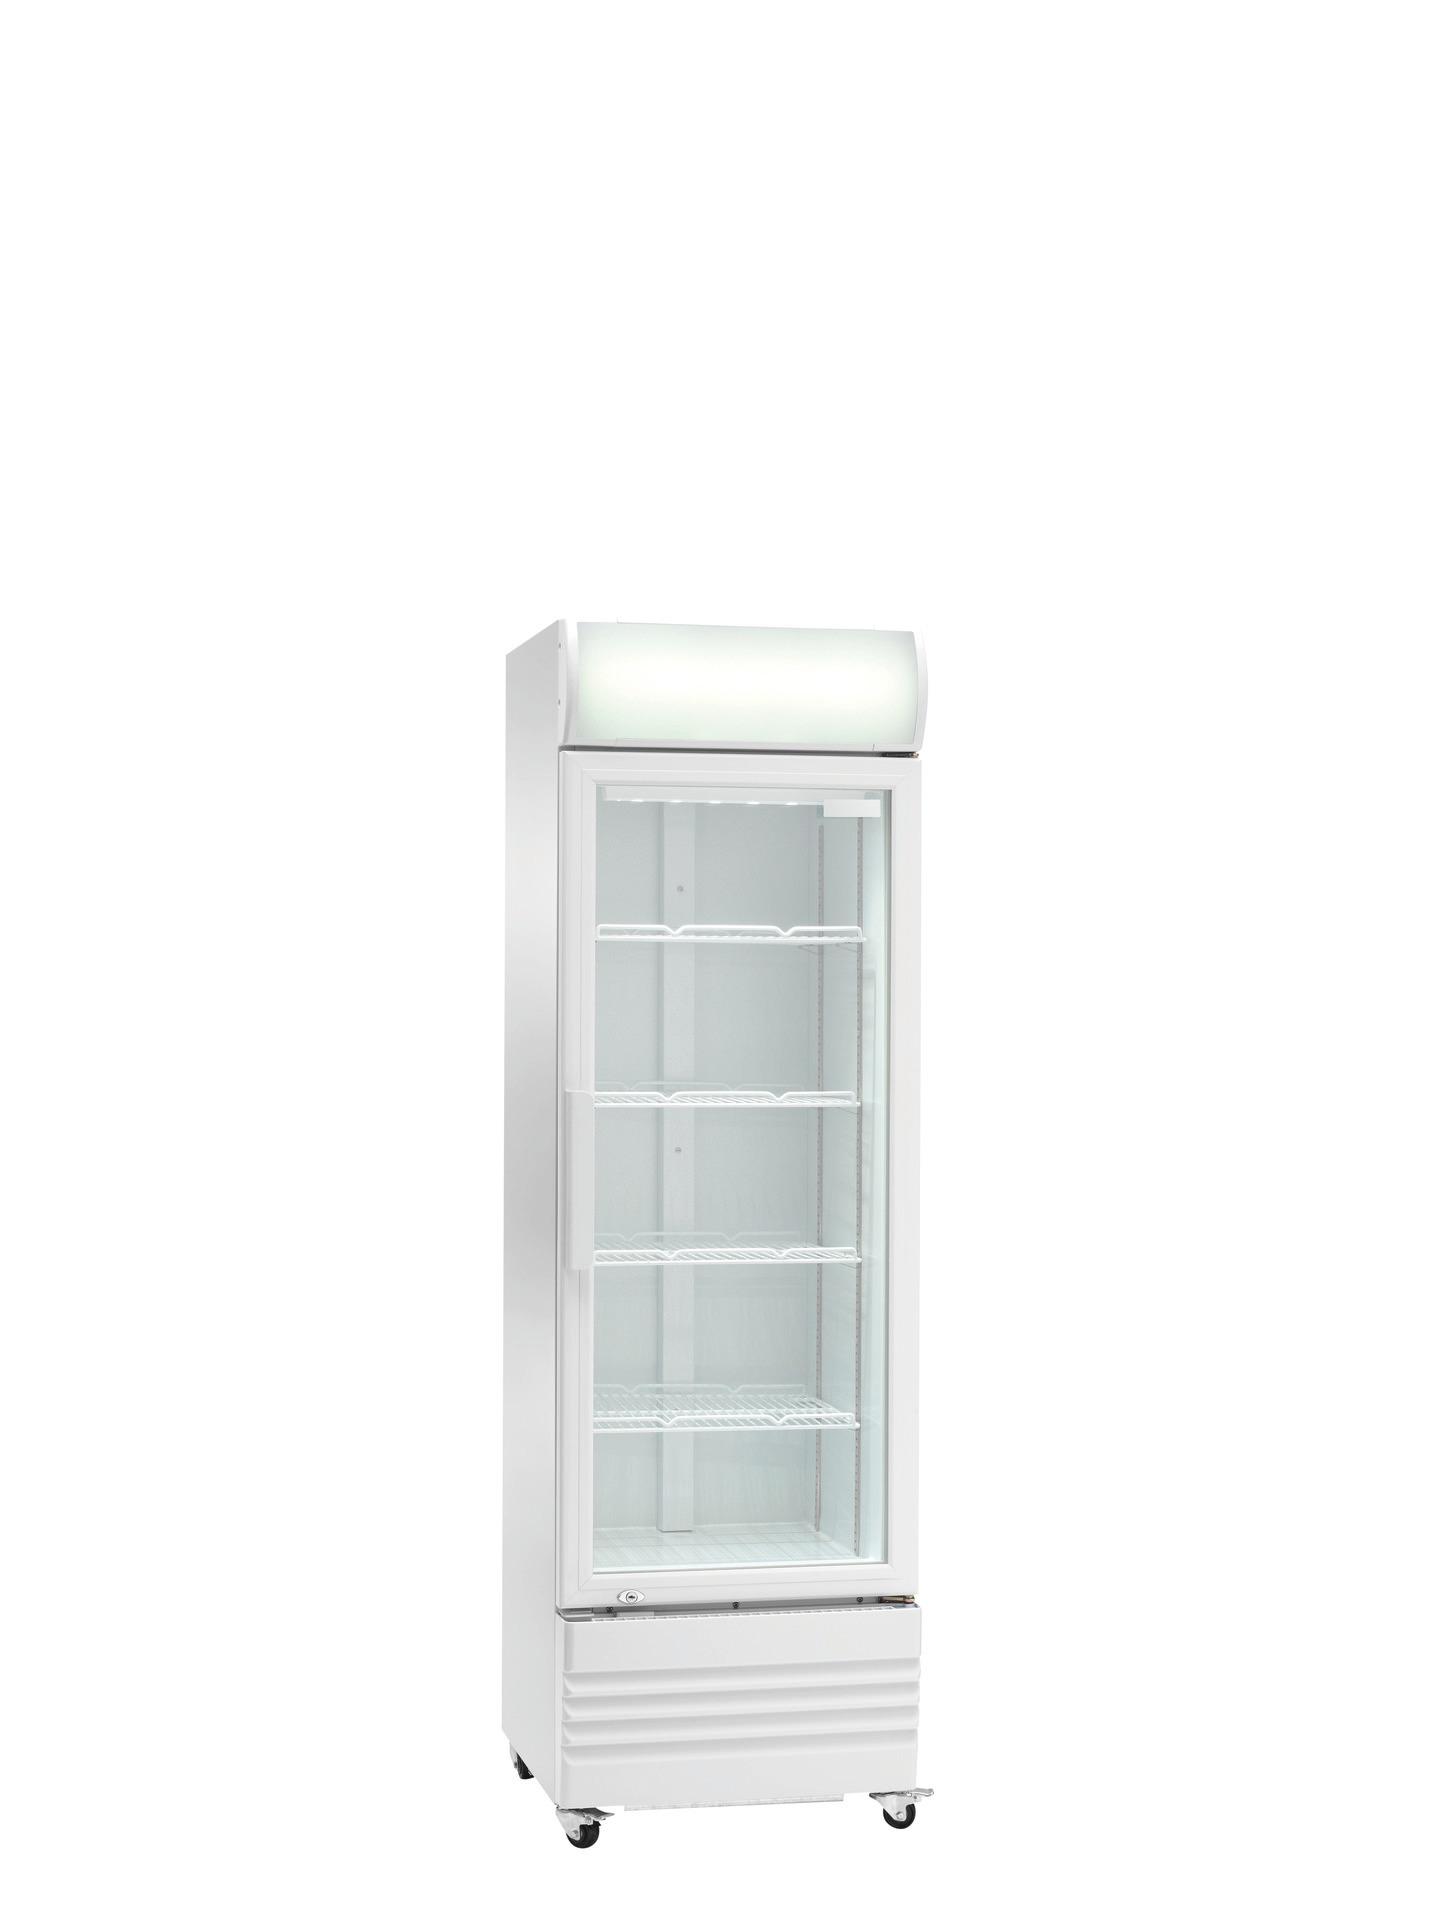 Flaschenkühlschrank Glastür 320 l 570 x 605 x 1820 mm